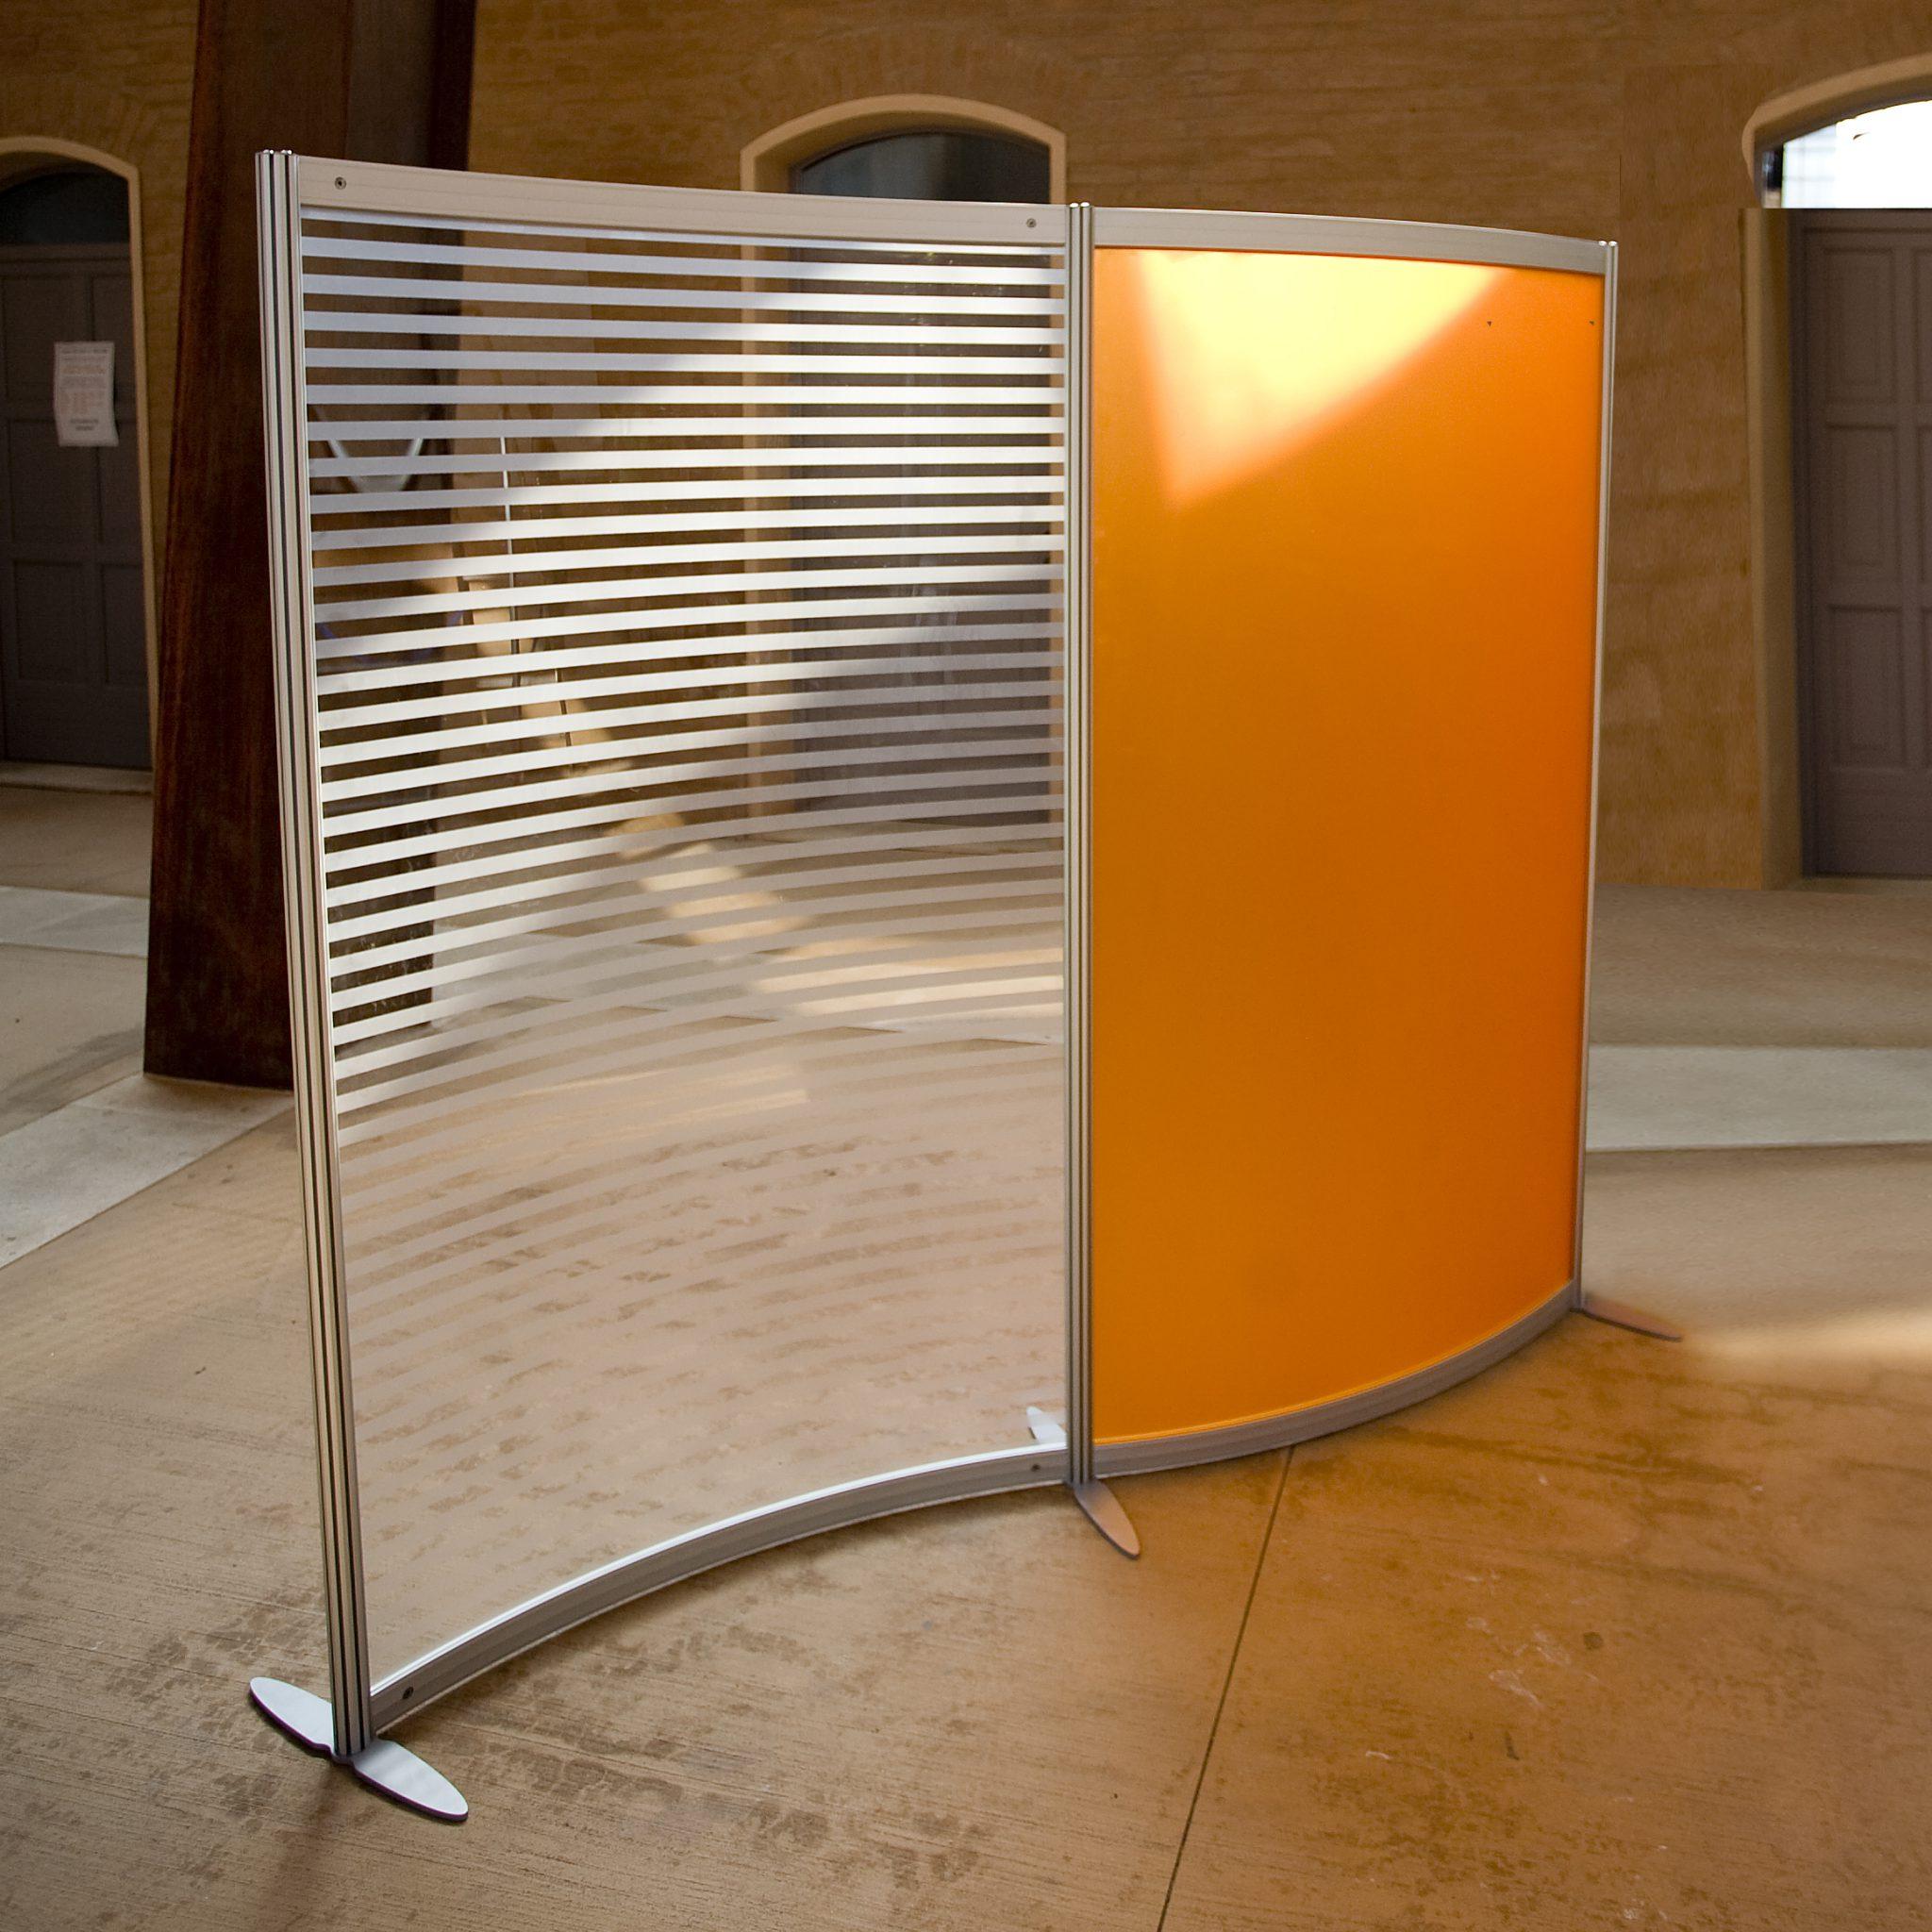 Divisori Mobili Per Ufficio.Divisori Mobili Per Ufficio Colorati Arancio E Rigato Studio T